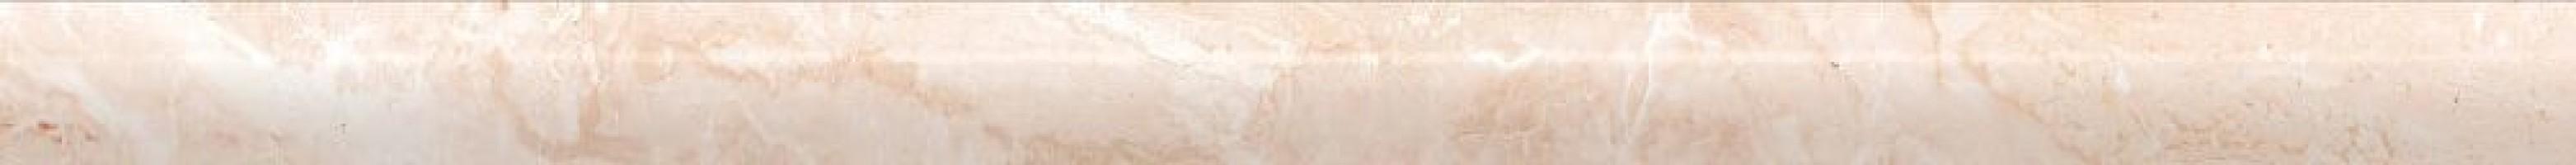 Бордюр 13-01-1-20-41-23-1861-1 Constante Bambino 1.6x25 Creto